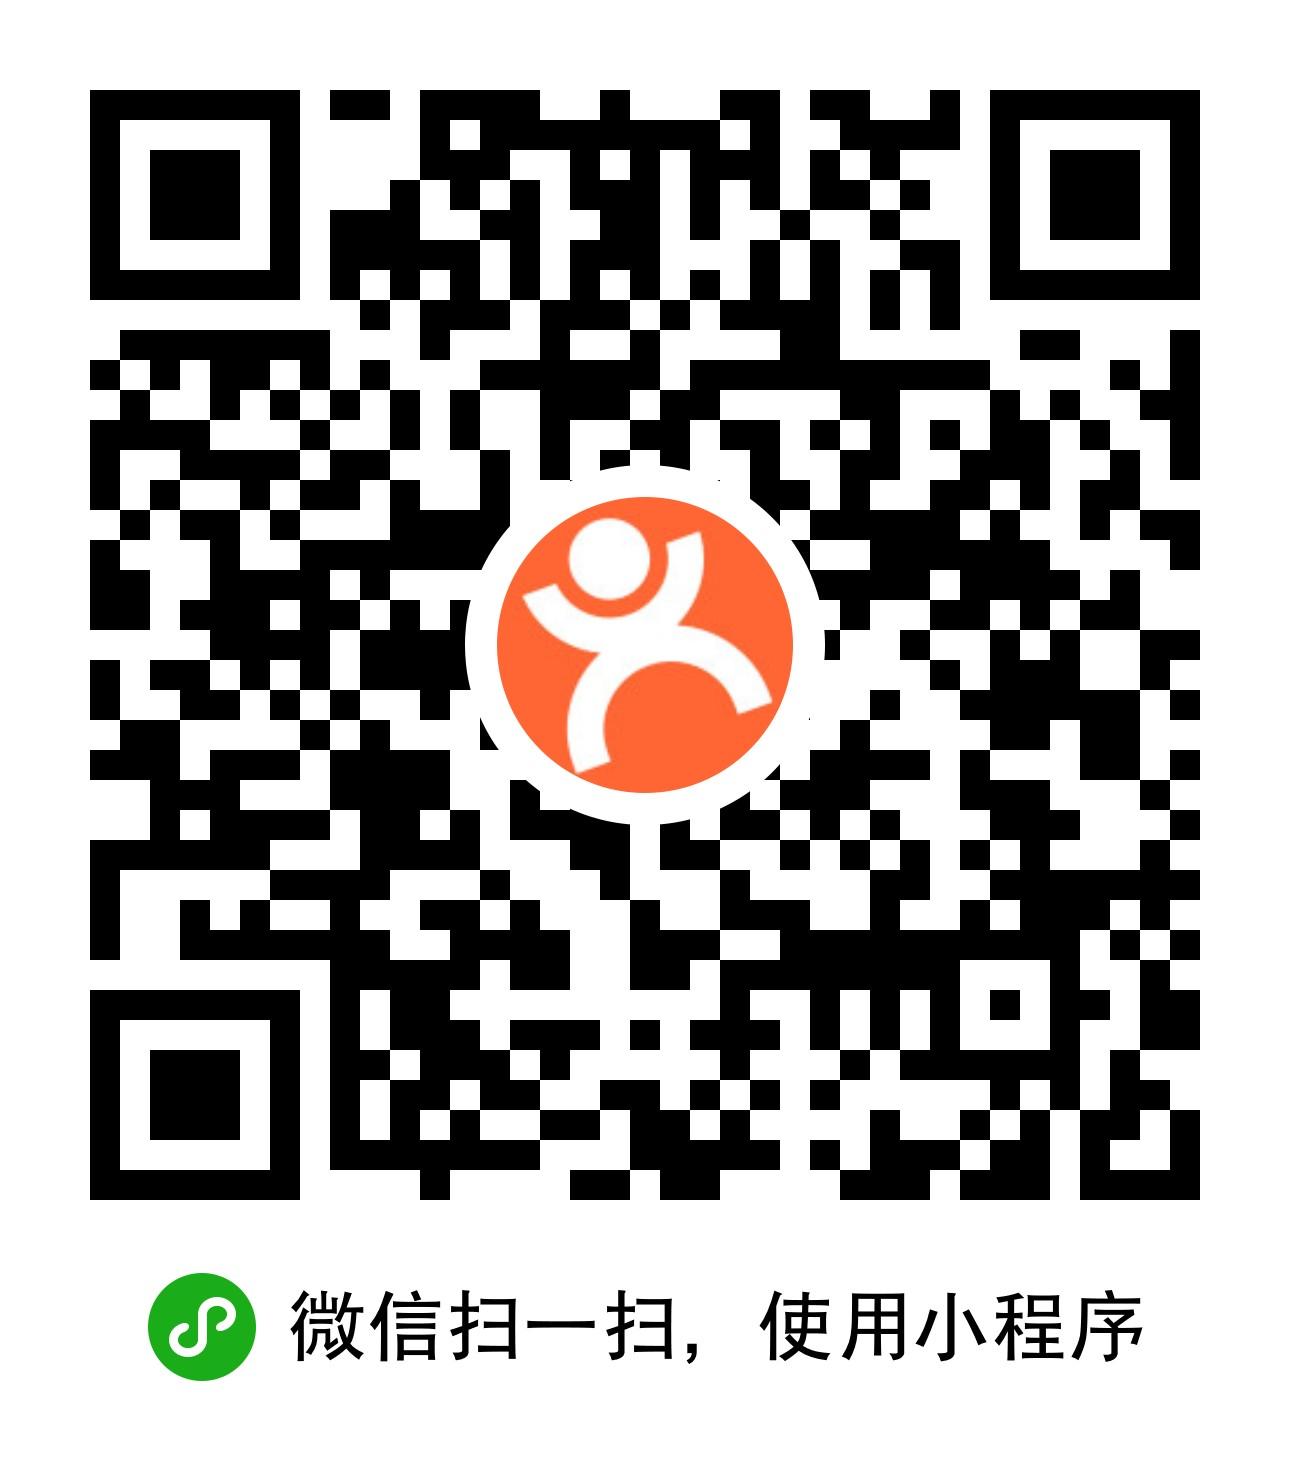 大众点评美食电影运动旅游门票-微信小程序二维码